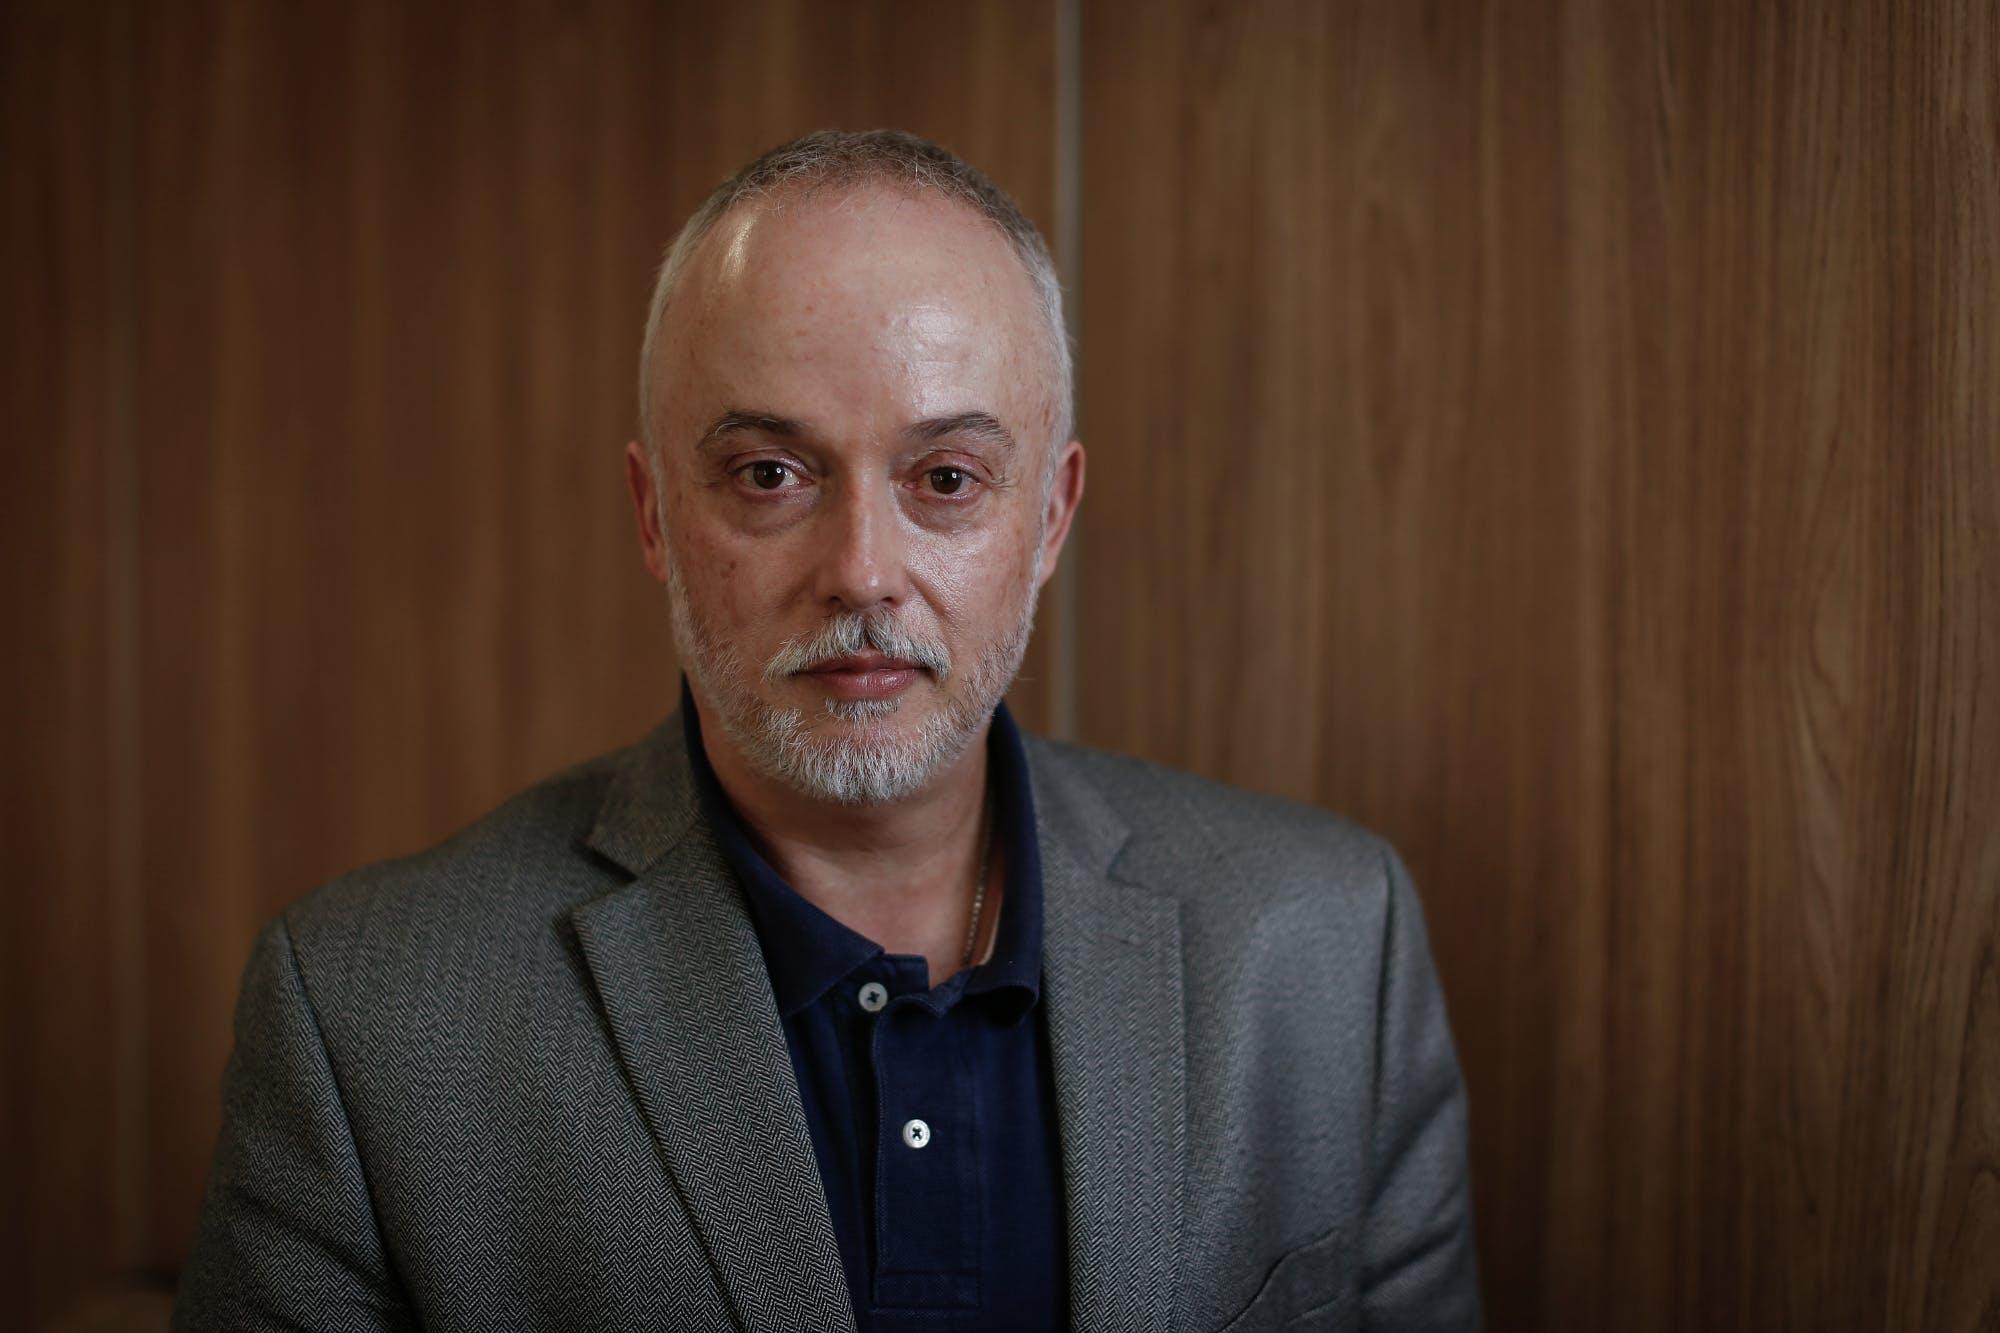 O procurador da Lava Jato em Curitiba Carlos Fernando dos Santos Lima falou sobre o atual momento da operação e as eleições.